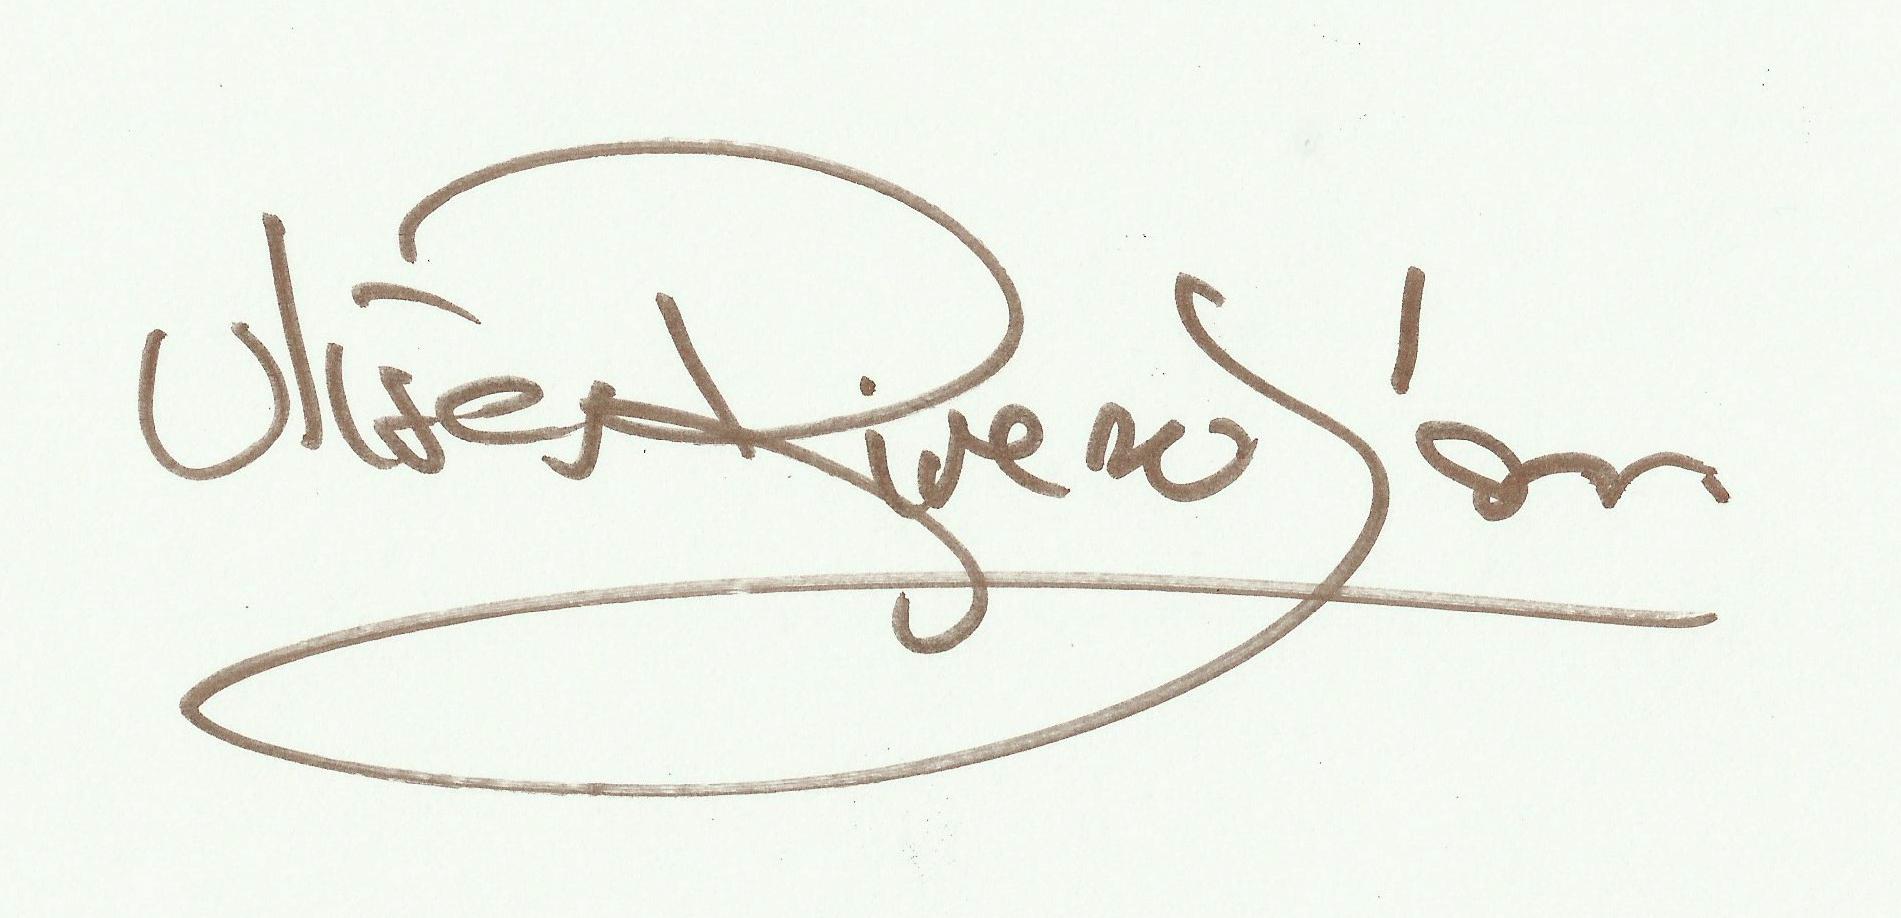 Ulises Rivero Signature